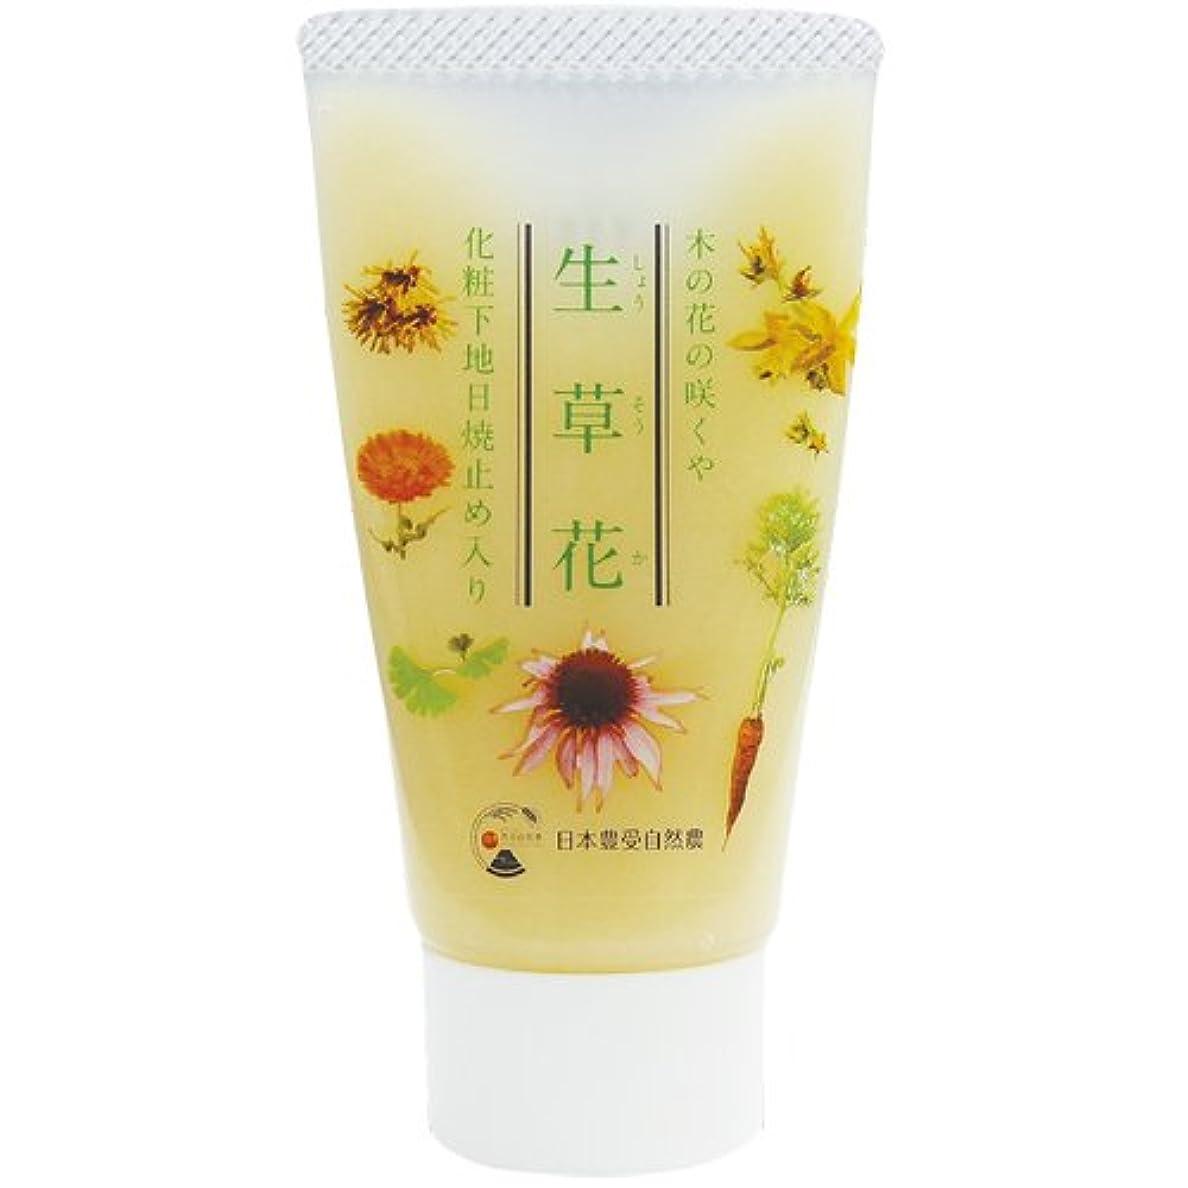 降伏早いトン日本豊受自然農 木の花の咲くや 生草花 化粧下地 日焼け止め入り 30g